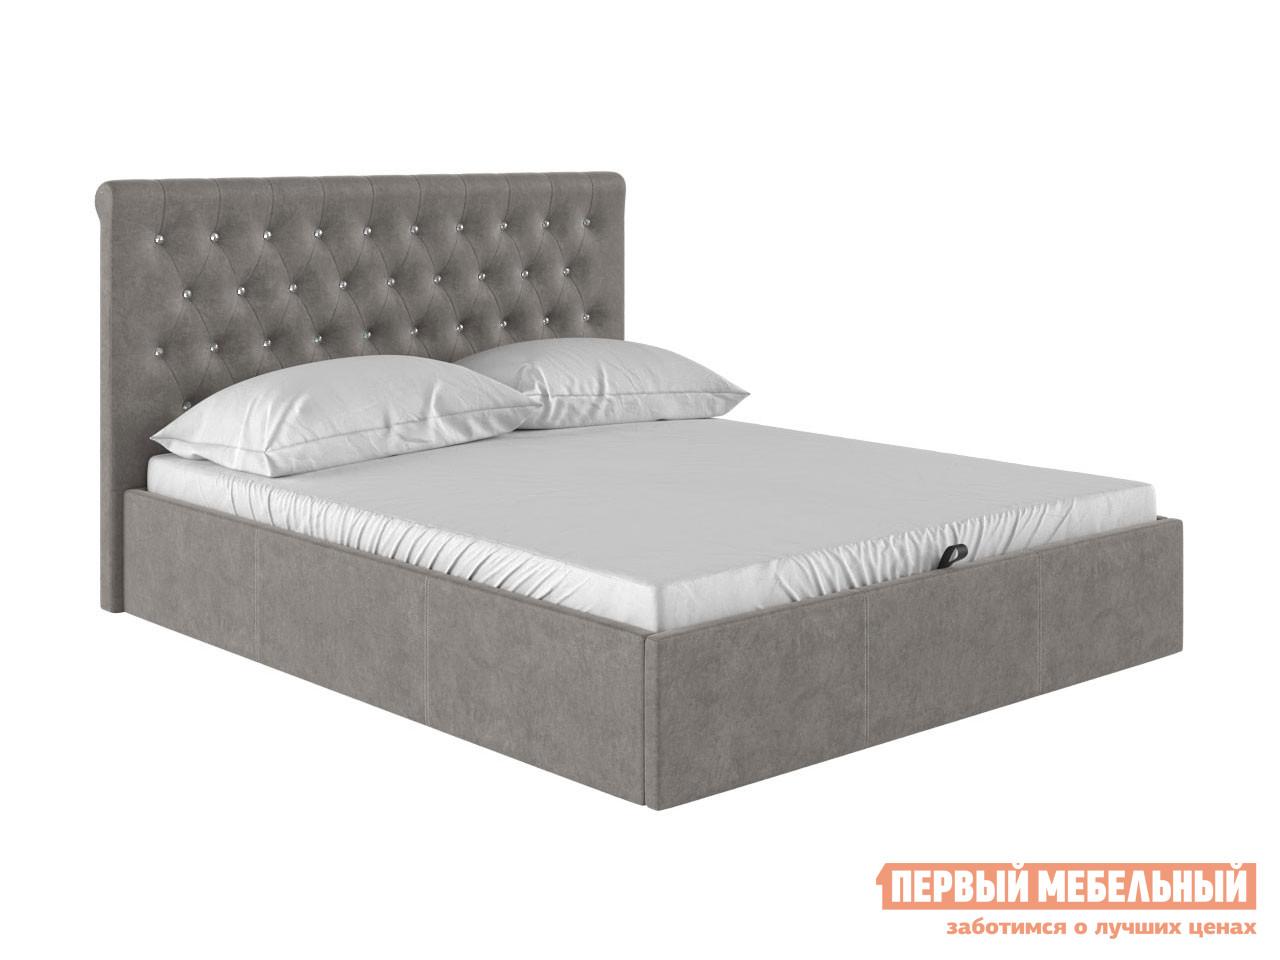 Двуспальная кровать  Кровать с подъемным механизмом Женева Серый велюр, 1600 Х 2000 мм — Кровать с подъемным механизмом Женева Серый велюр, 1600 Х 2000 мм